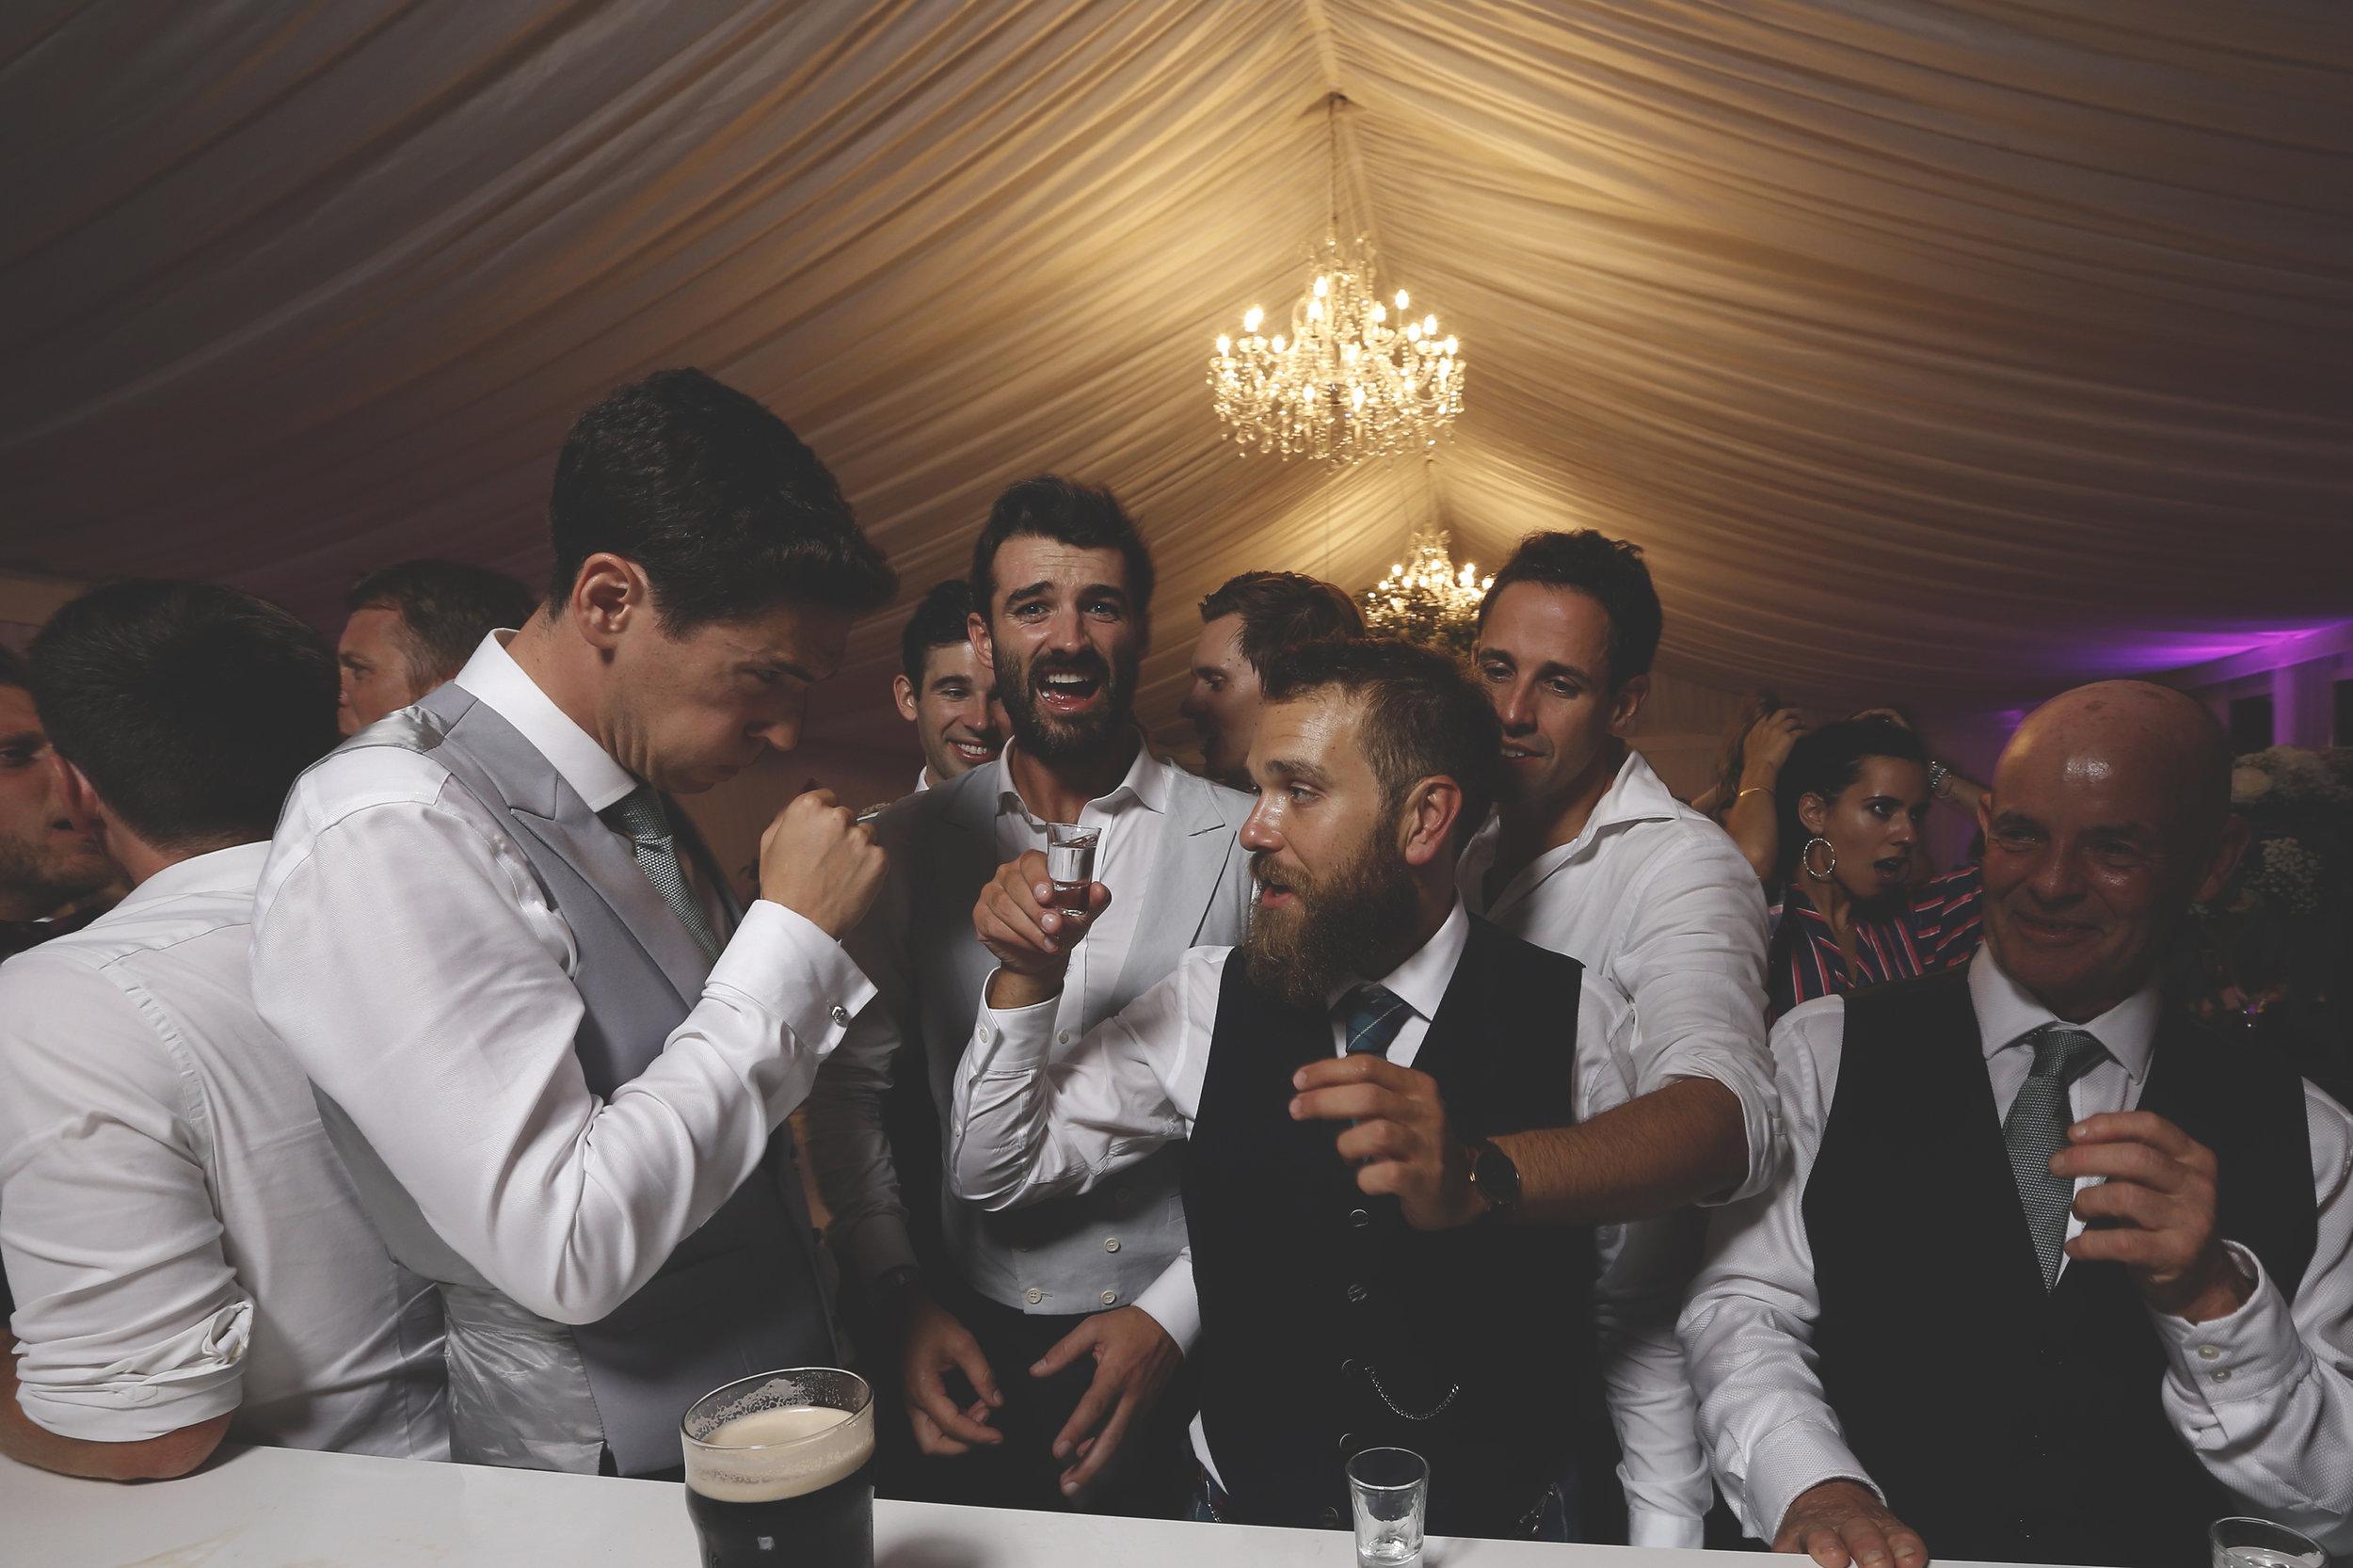 brettharkness-destination-wedding-photographer-ireland_0055.jpg